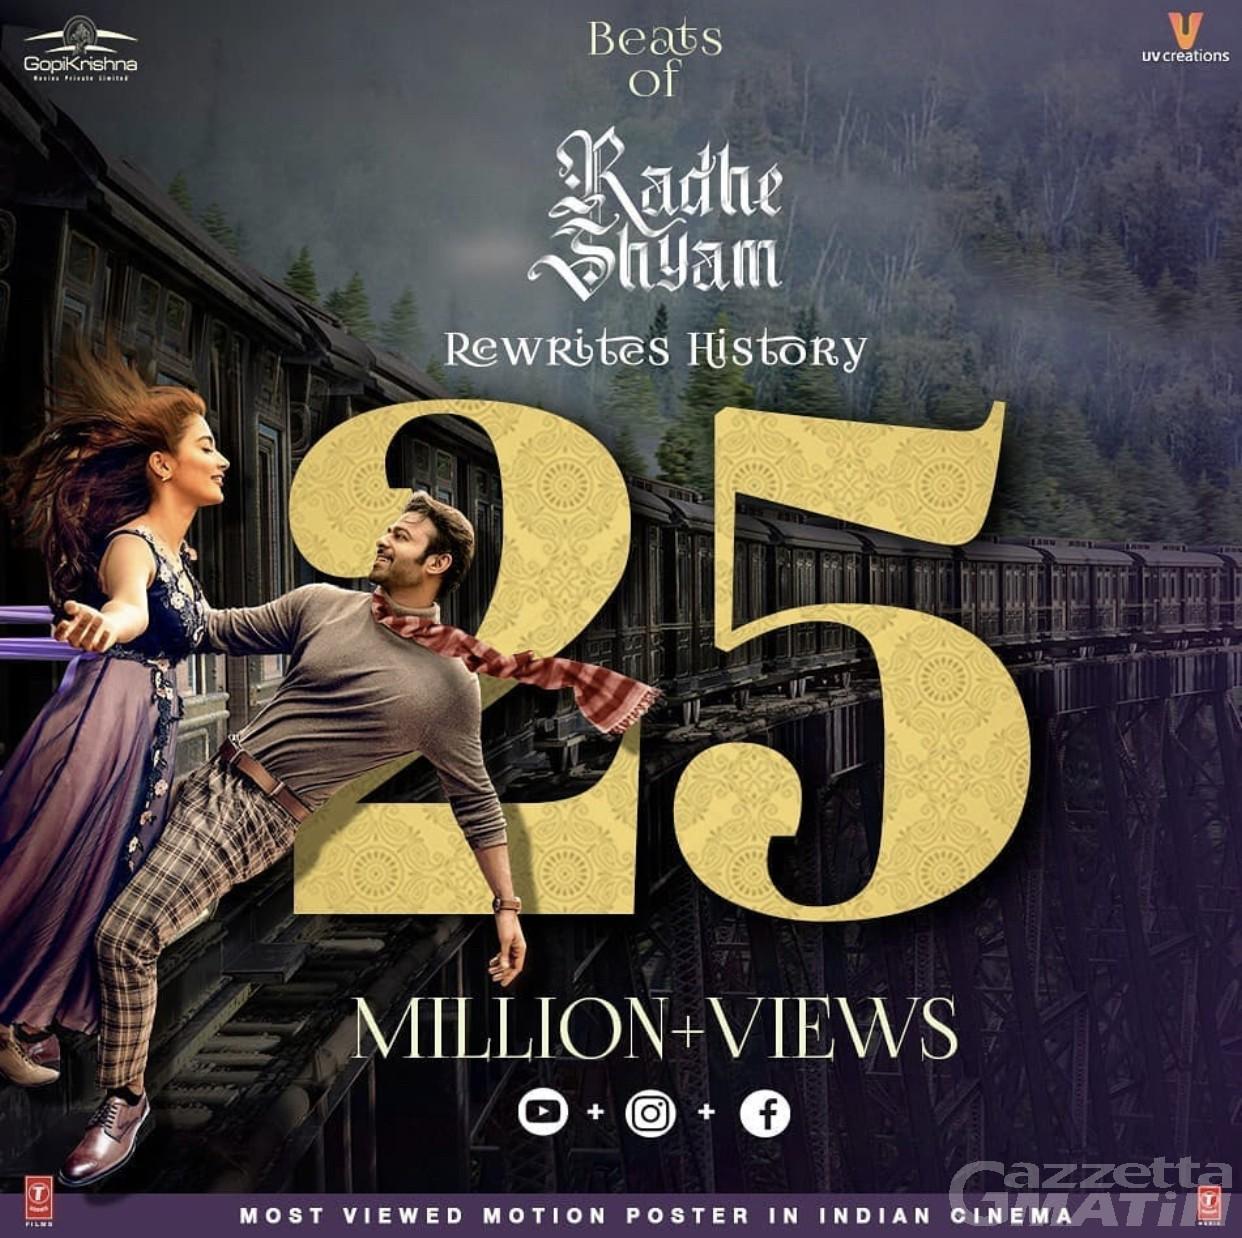 Bollywood torna in Valle d'Aosta: scene romantiche di con le star indiane Prahbas e Pooja Hedge